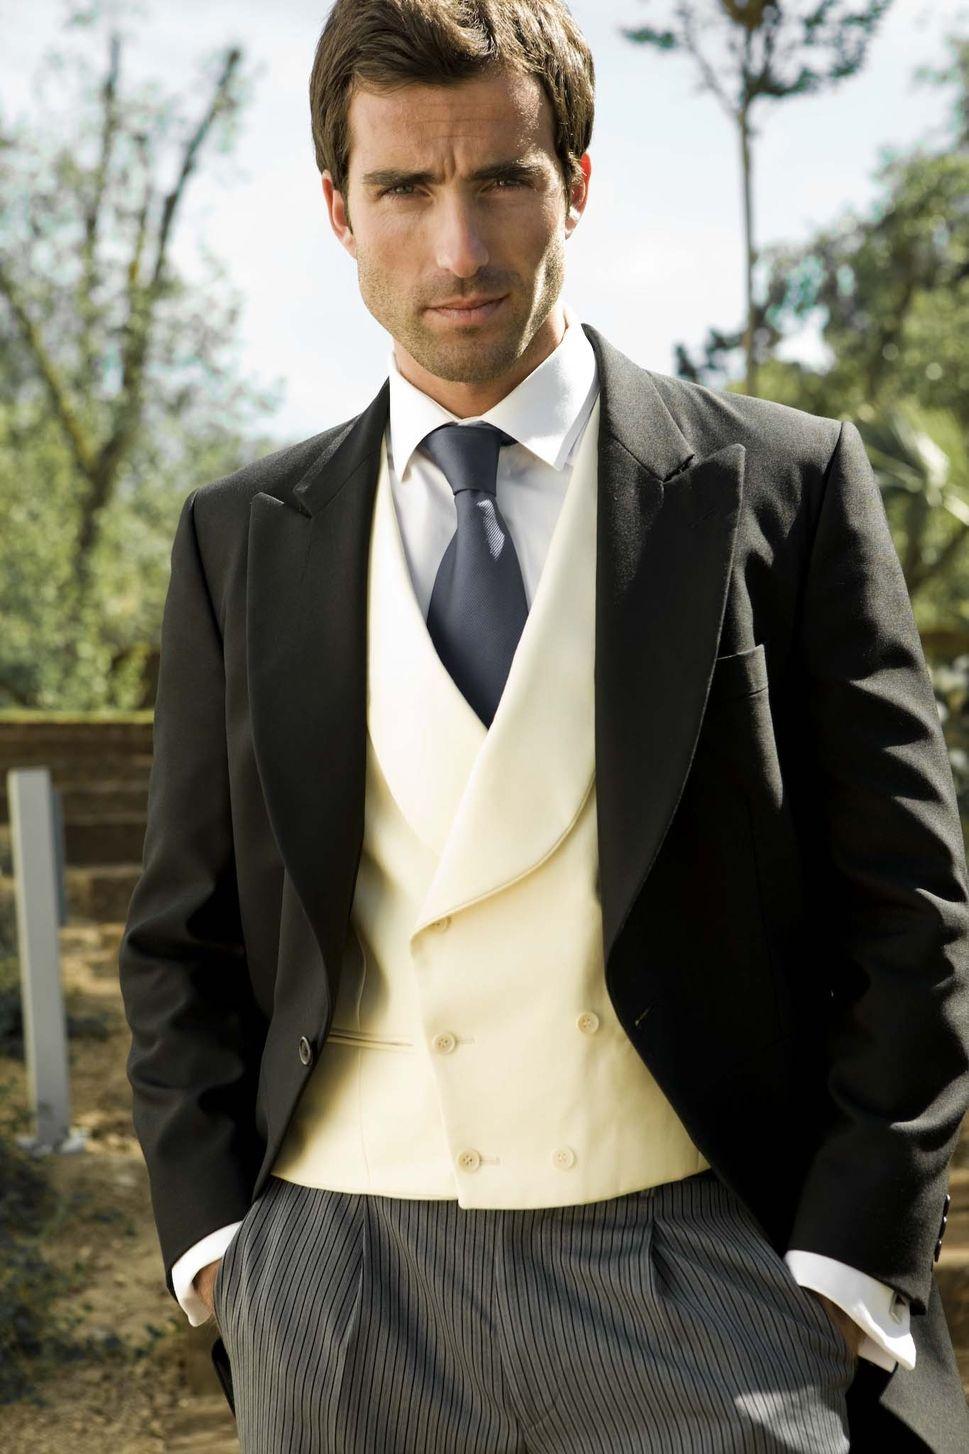 Vestiti Eleganti In Inglese.Abbigliamento Campagna Inglese Cerca Con Google Con Immagini